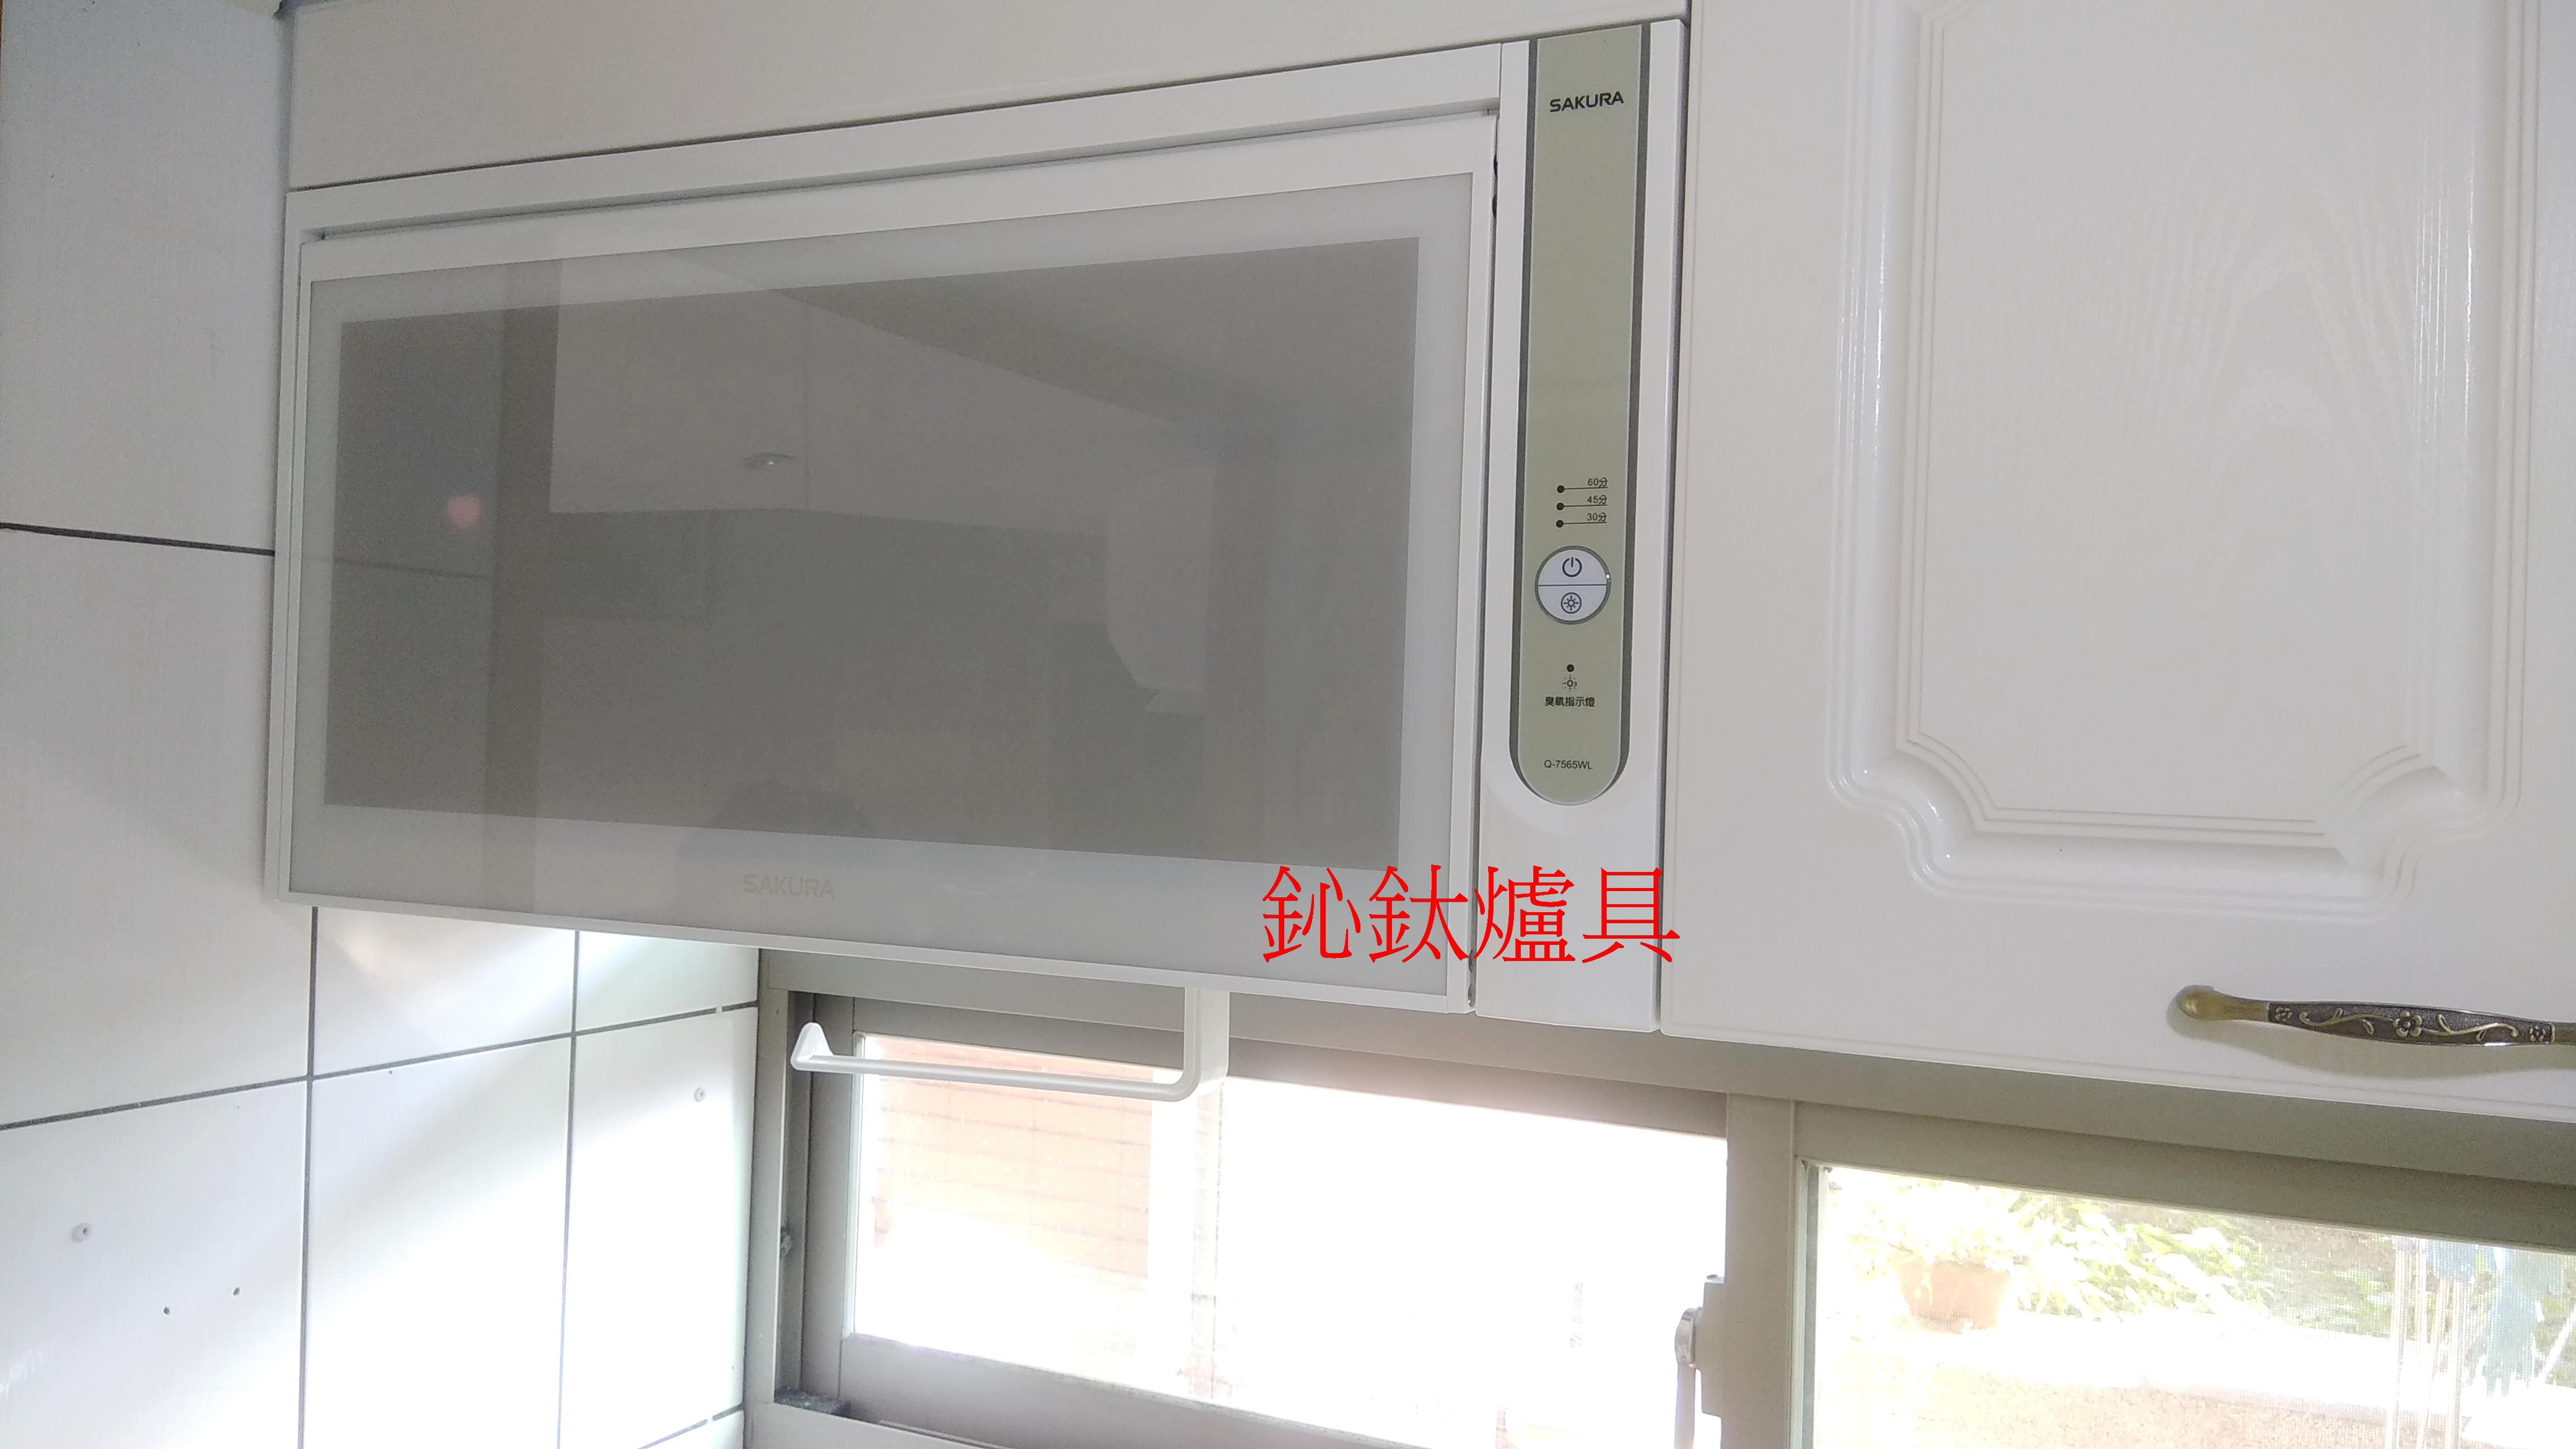 櫻花烘碗機Q7565WL殺菌烘碗機(80CM).jpg